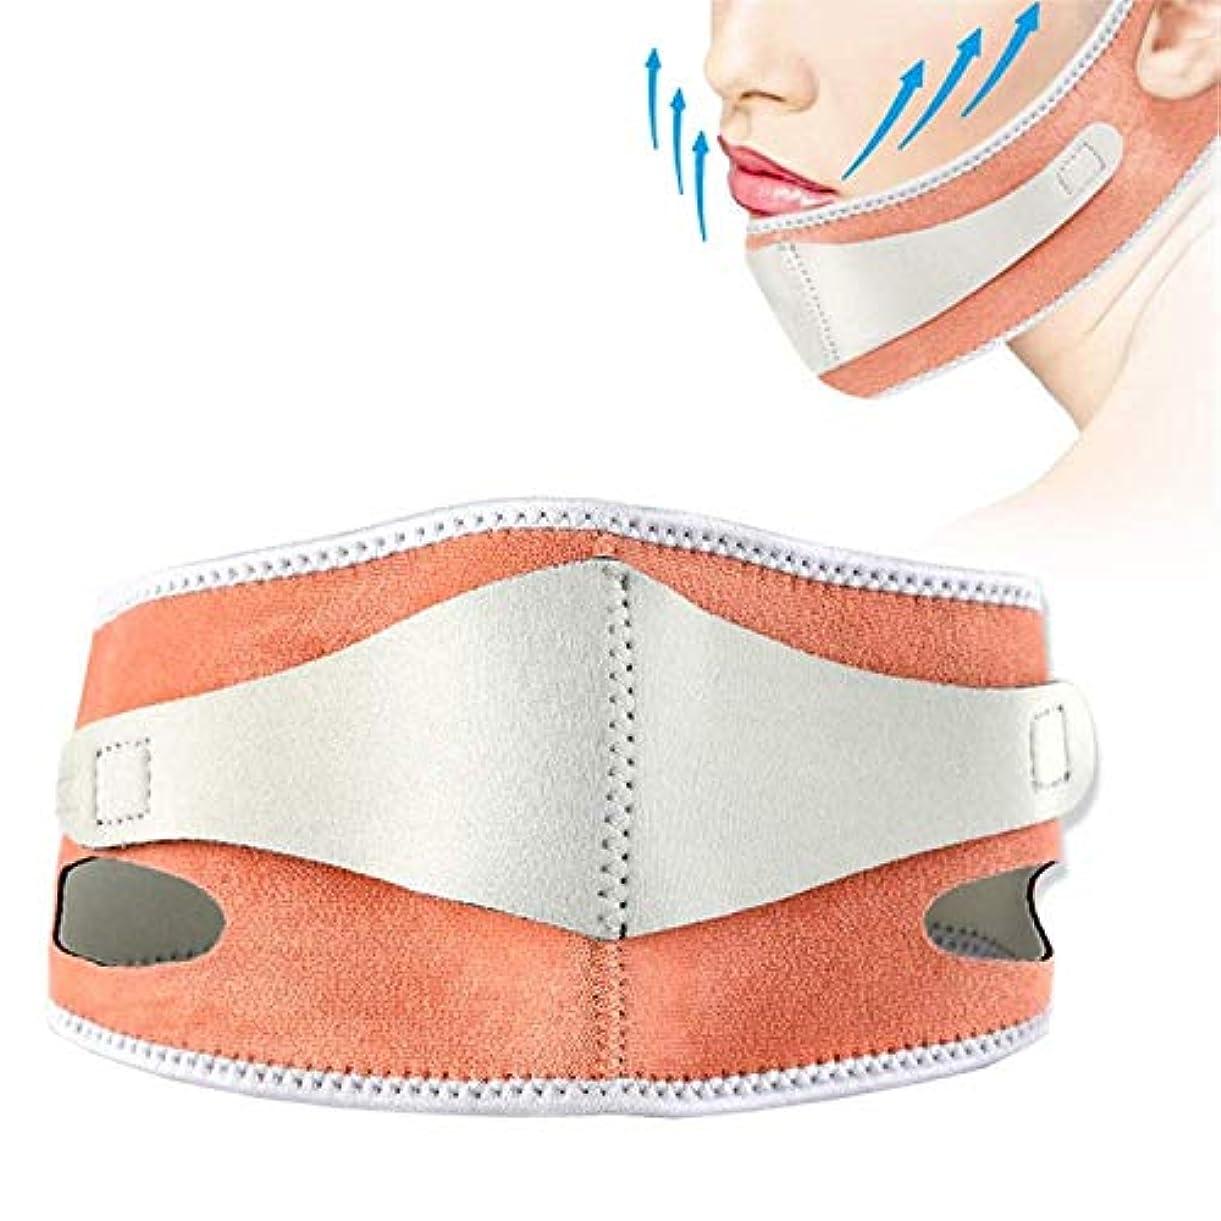 何故なのパーセントサーフィンフェイシャルスリミングベルト、Vフェイスシェイピングベルト、頬補強ベルト、美容弾性スリーブ薄い顔術後回復包帯、減量包帯を削除するには二重あご、フェイスリフト減量睡眠マスク包帯